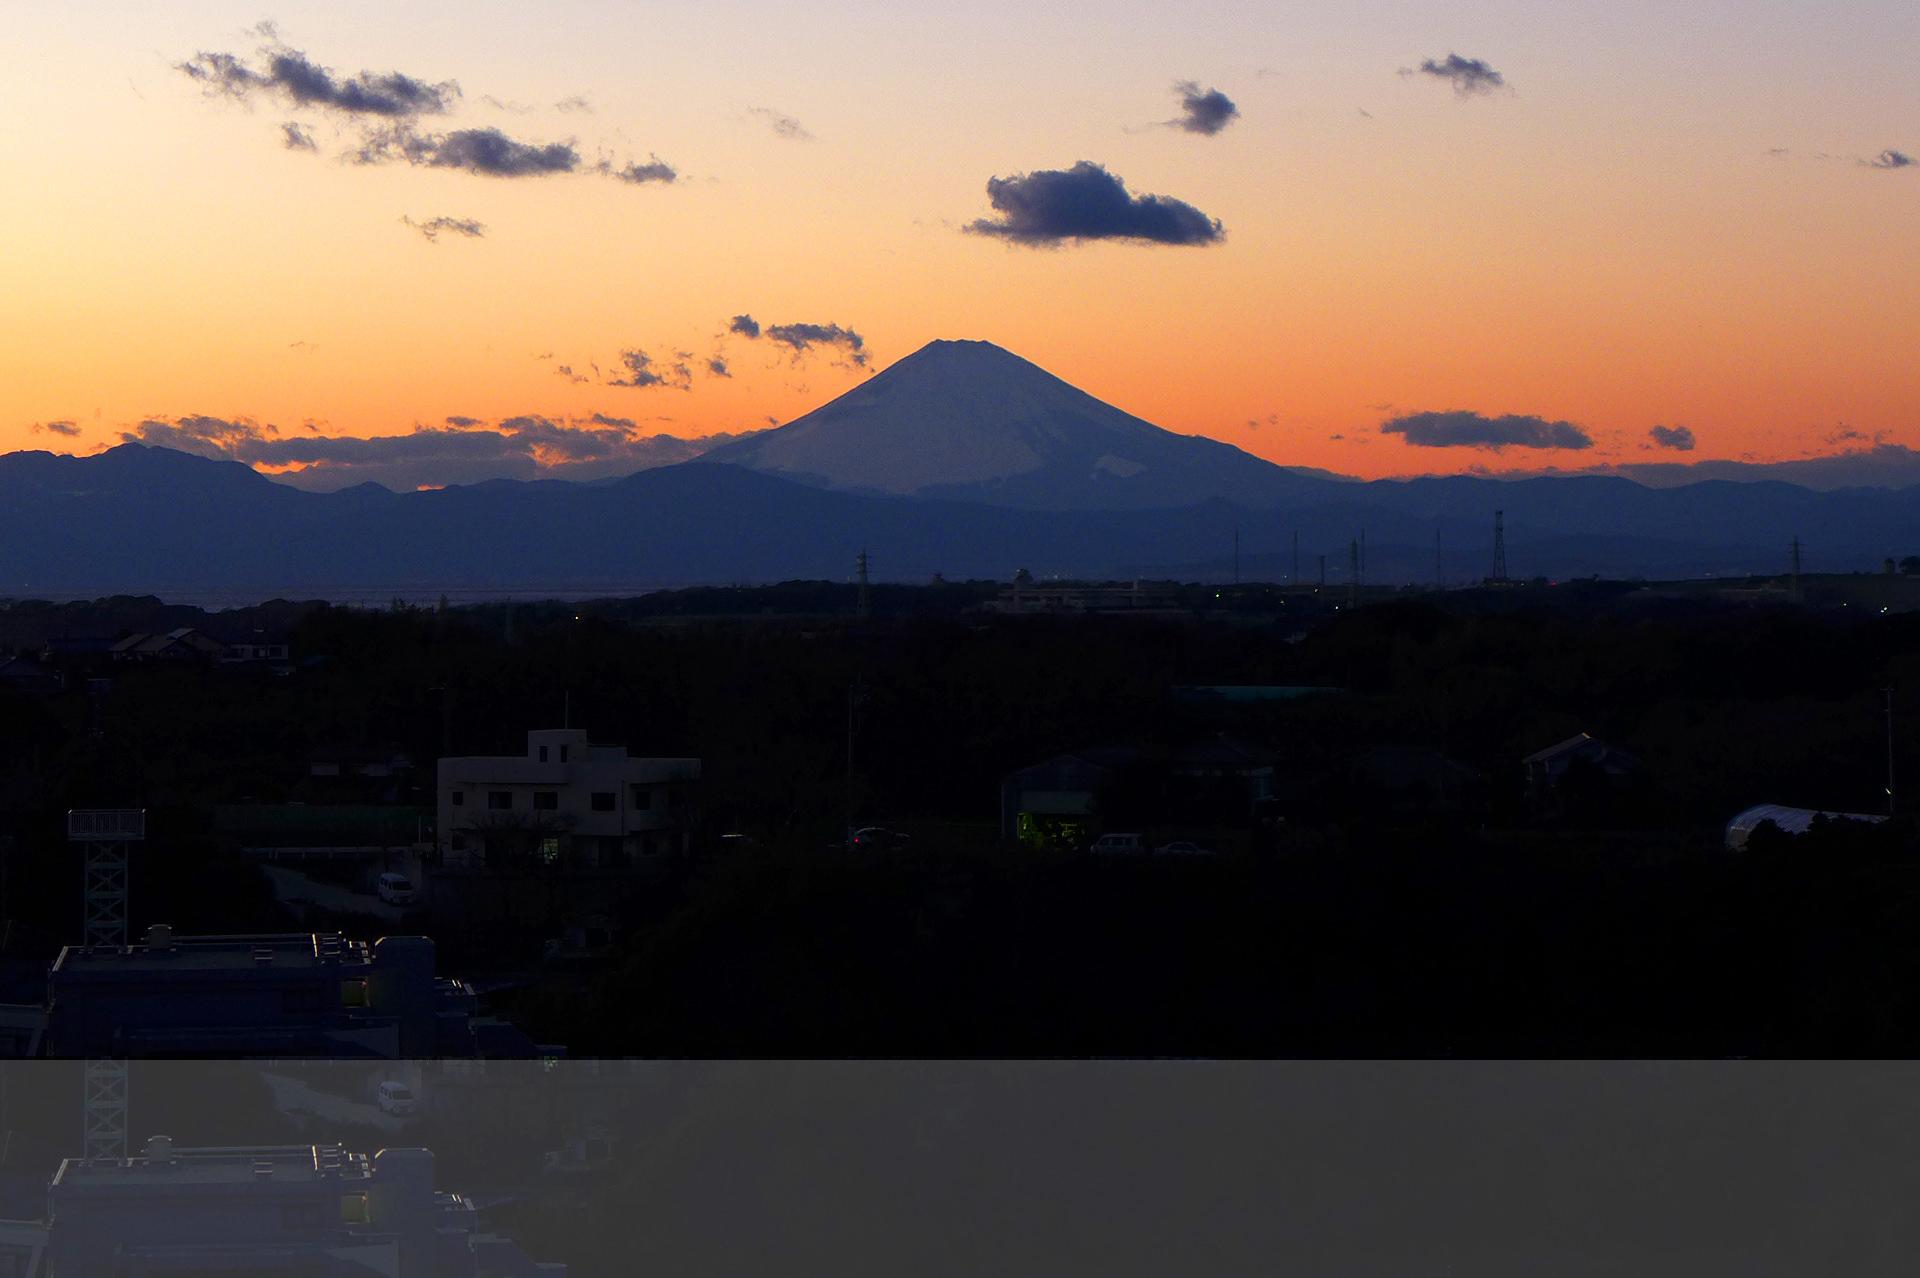 マホロバから見える夕焼けの富士